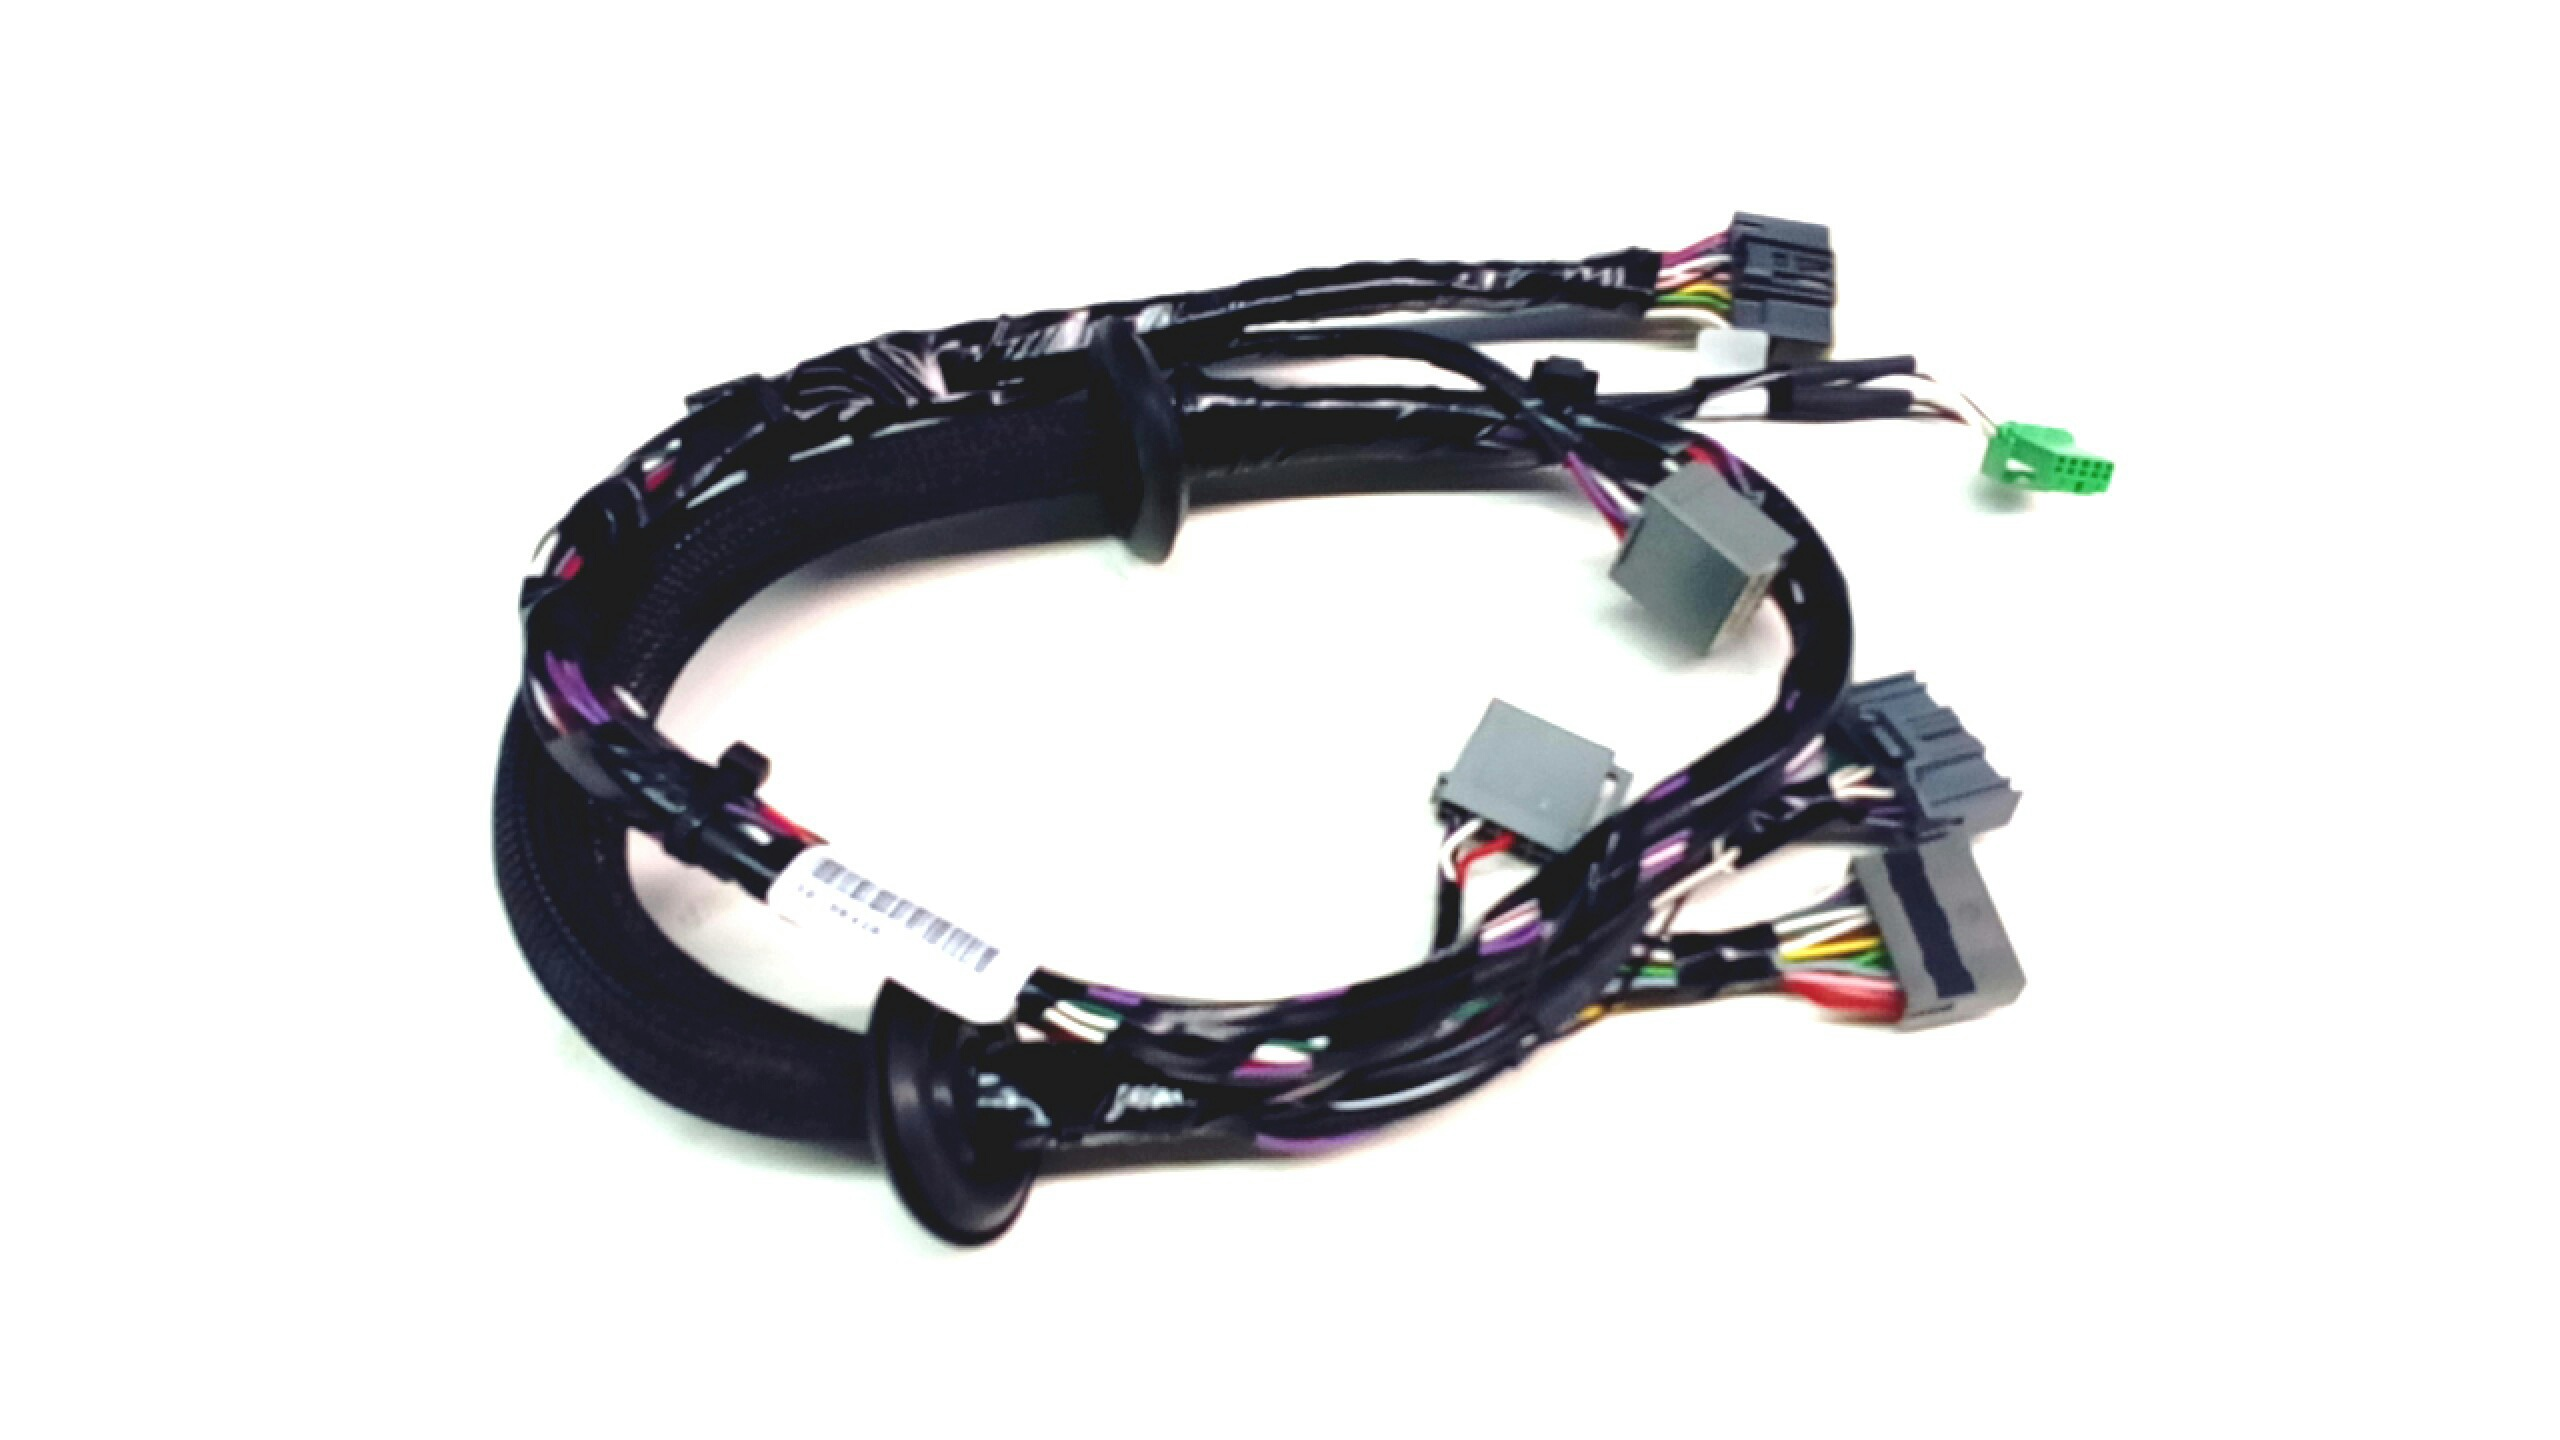 volvo xc90 tech and sound u003e audio accessories volvo genuine rh usparts volvocars com Volvo Wiring Harness Problems Volvo 240 Wiring Harness Routing